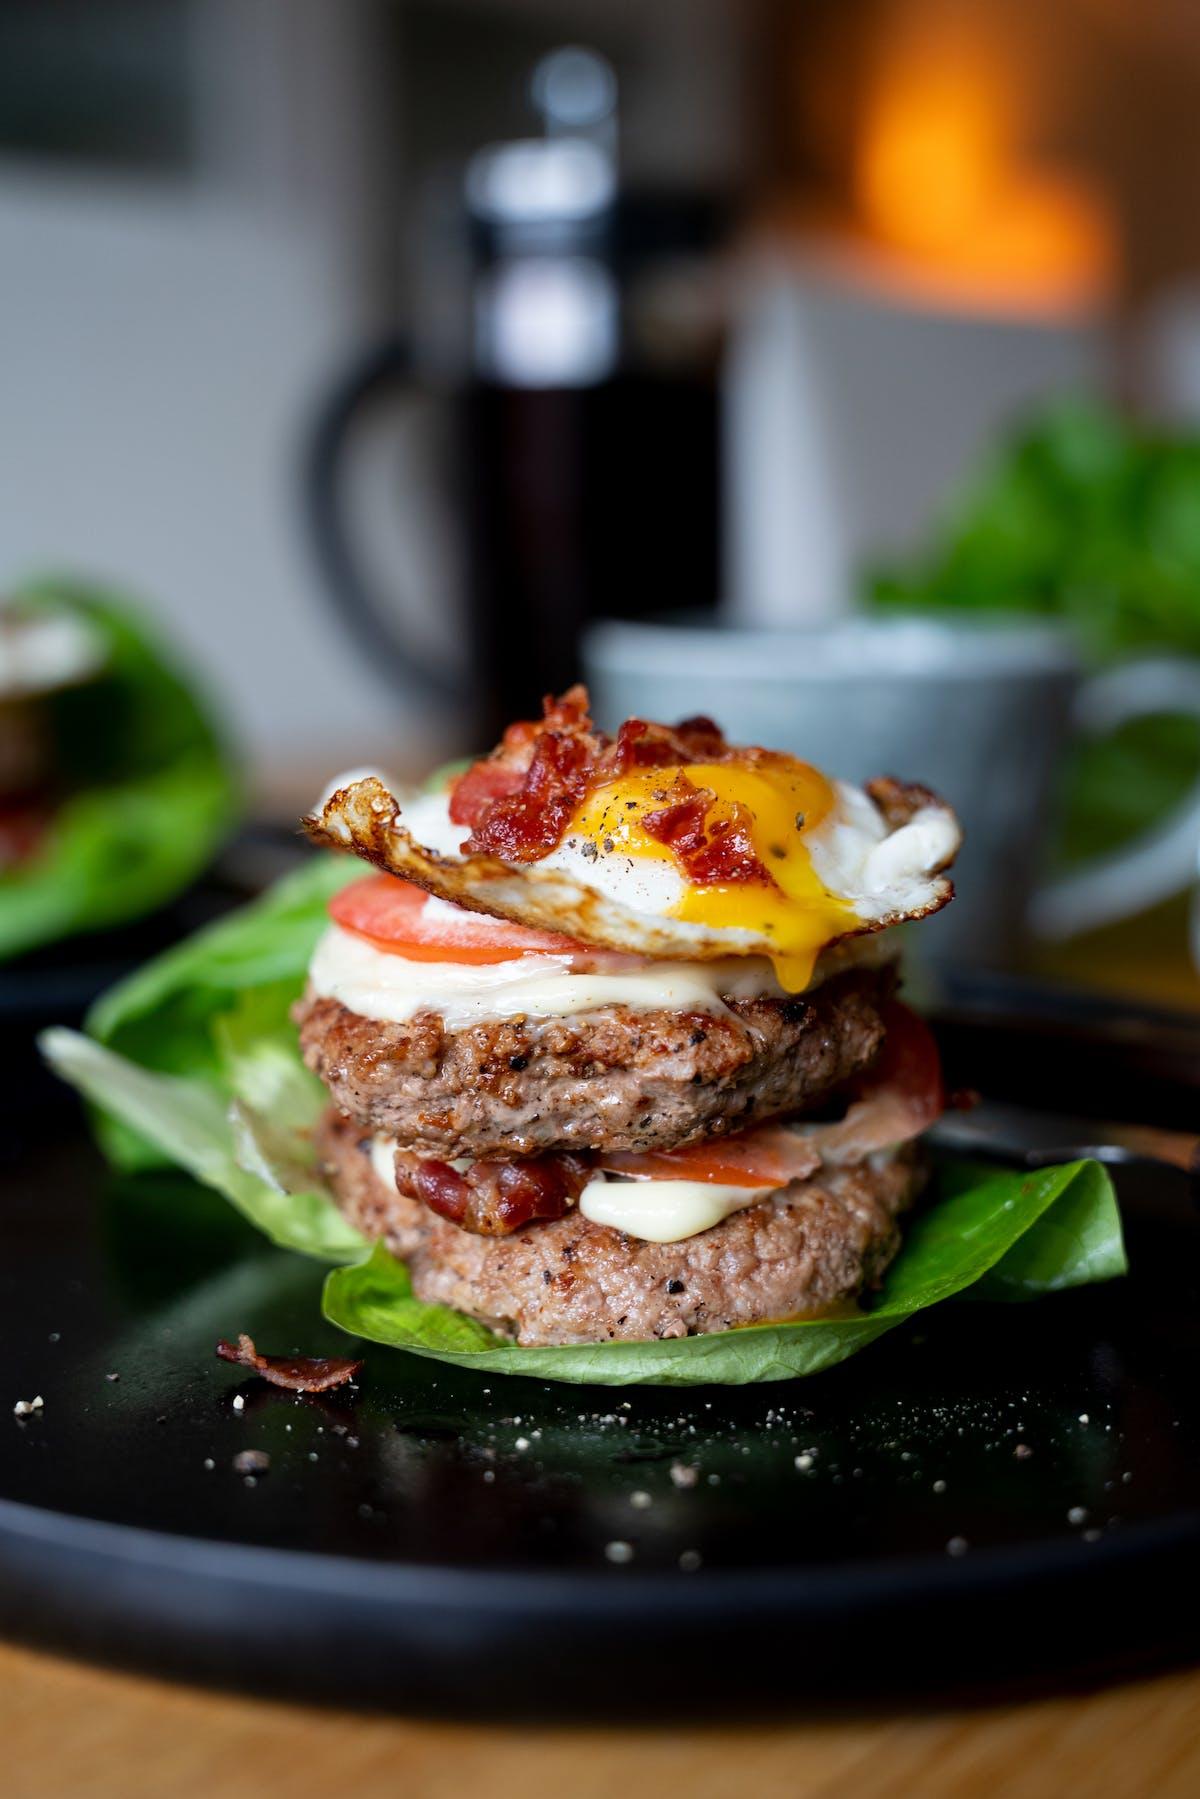 High protein turkey breakfast burger